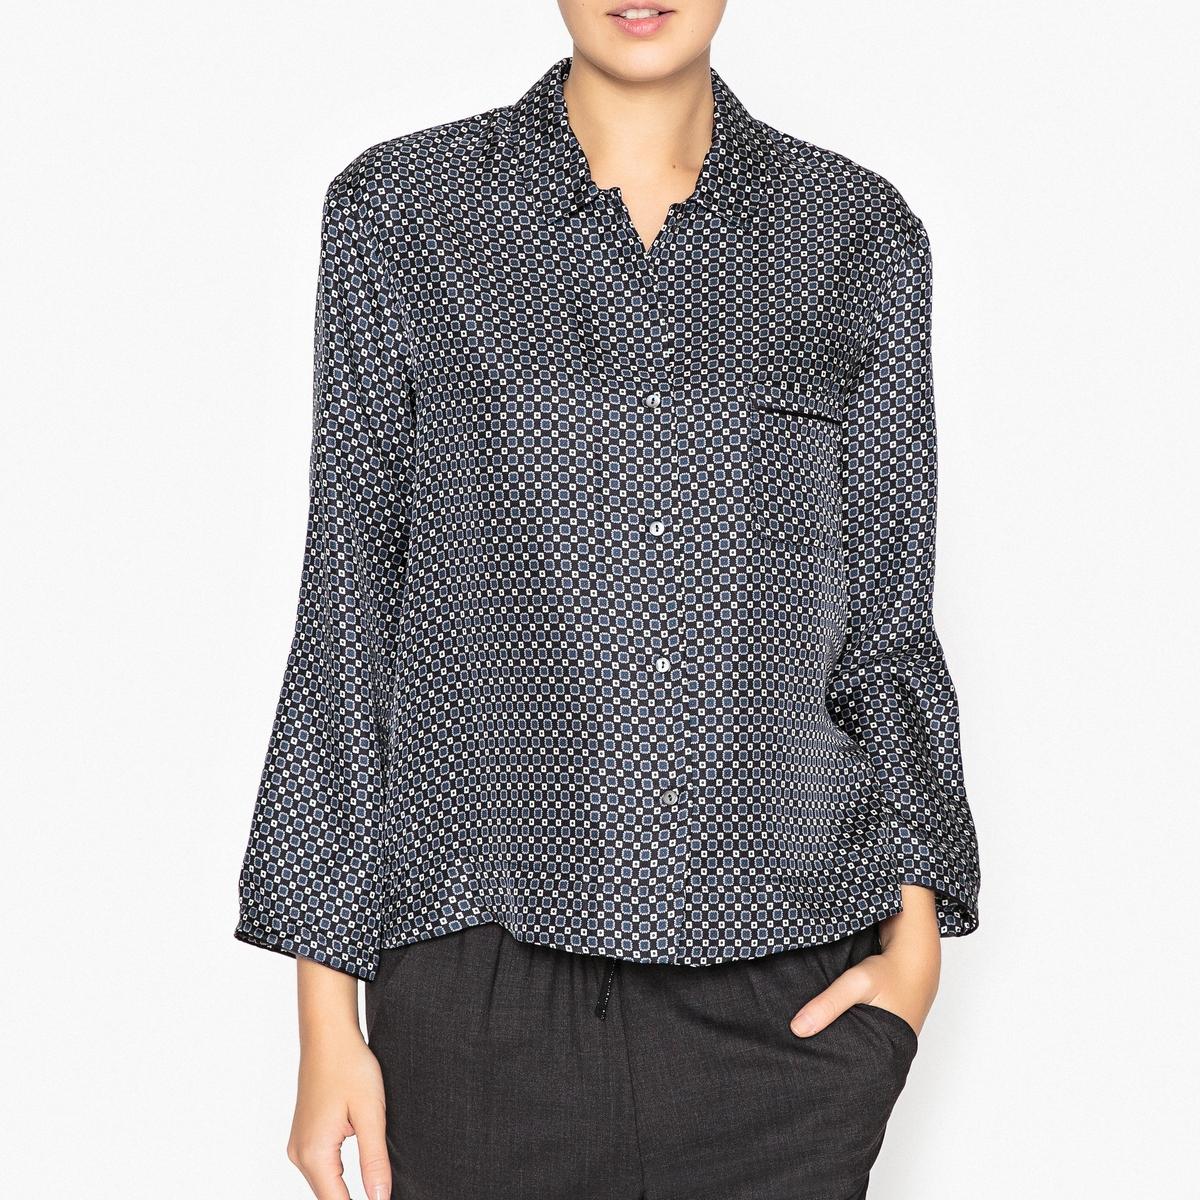 Рубашка шелковая ASTRELLEРубашка MOMONI - модель ASTRELLE из 100% шелка, в клетку, пижамного фасона. Детали •  Длинные рукава •  Покрой бойфренд, свободный •  Воротник-поло, рубашечный  •  Рисунок в клеткуСостав и уход •  100% шелк •  Следуйте советам по уходу, указанным на этикетке •  Небольшой разрез сбоку •  Тонкая тесьма на манжетах и кармане<br><br>Цвет: темно-синий<br>Размер: 40 (FR) - 46 (RUS)